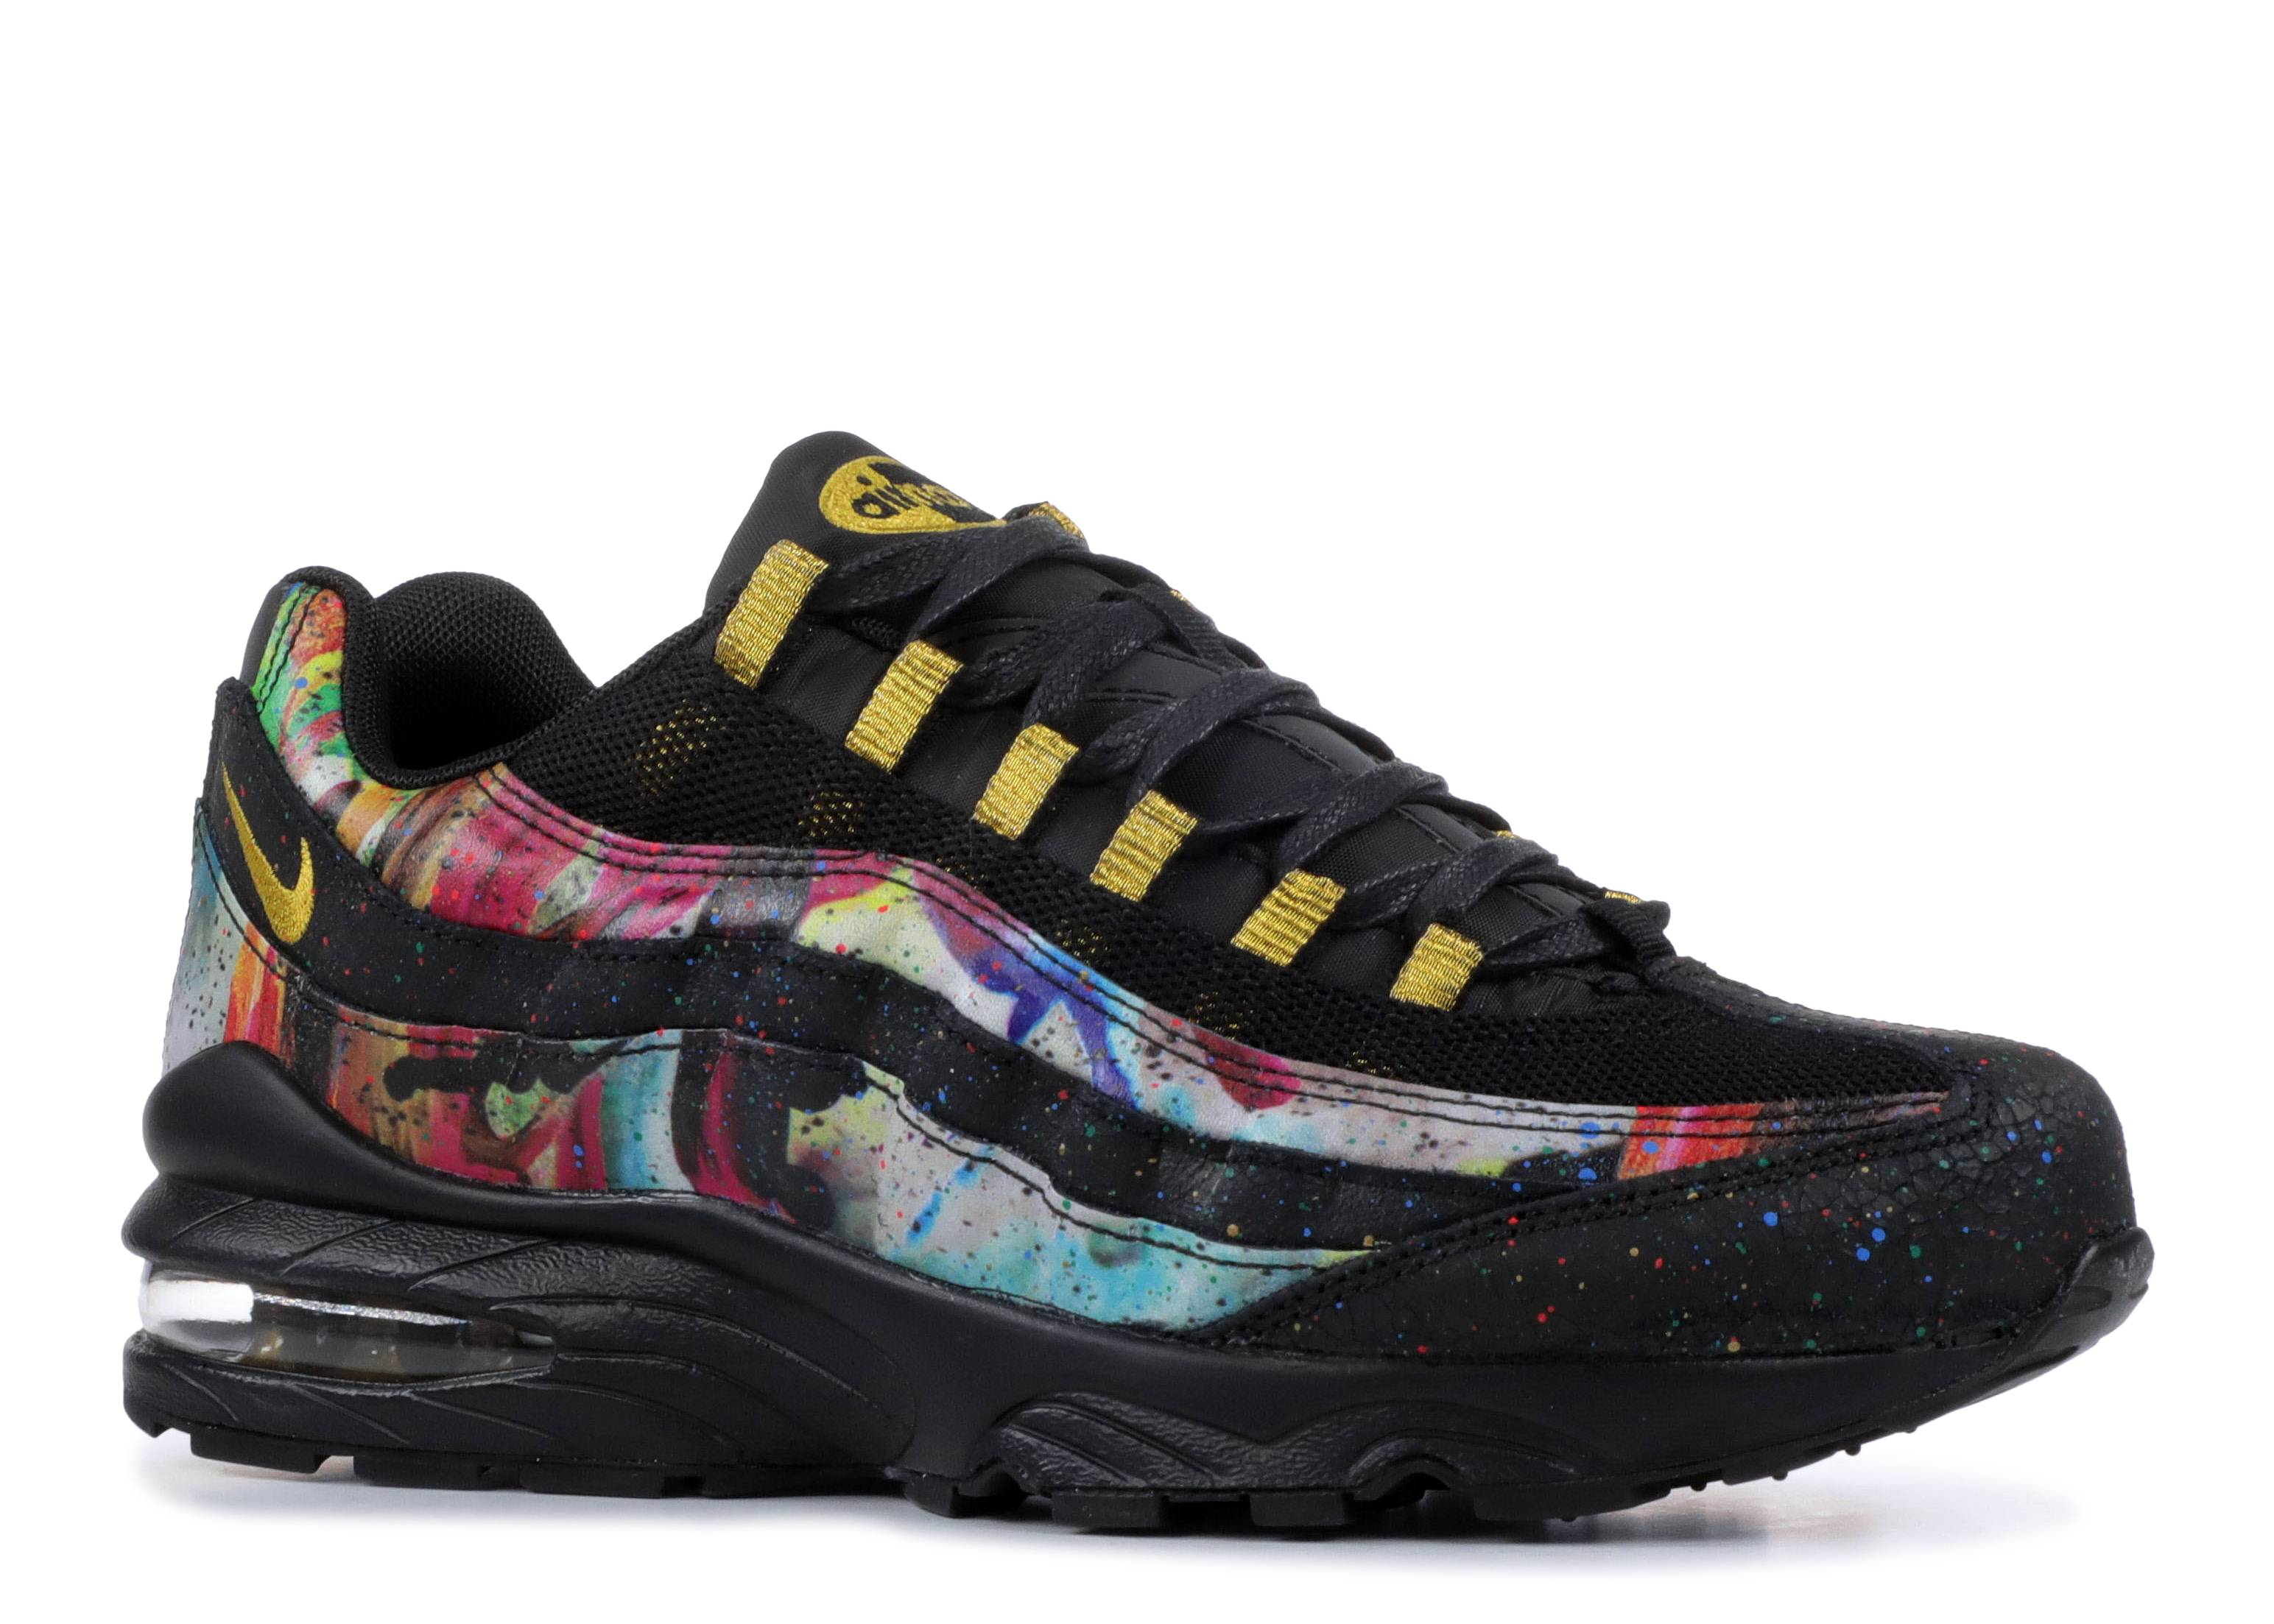 Air Max 95(gs) caribana Nike at6158 001 black